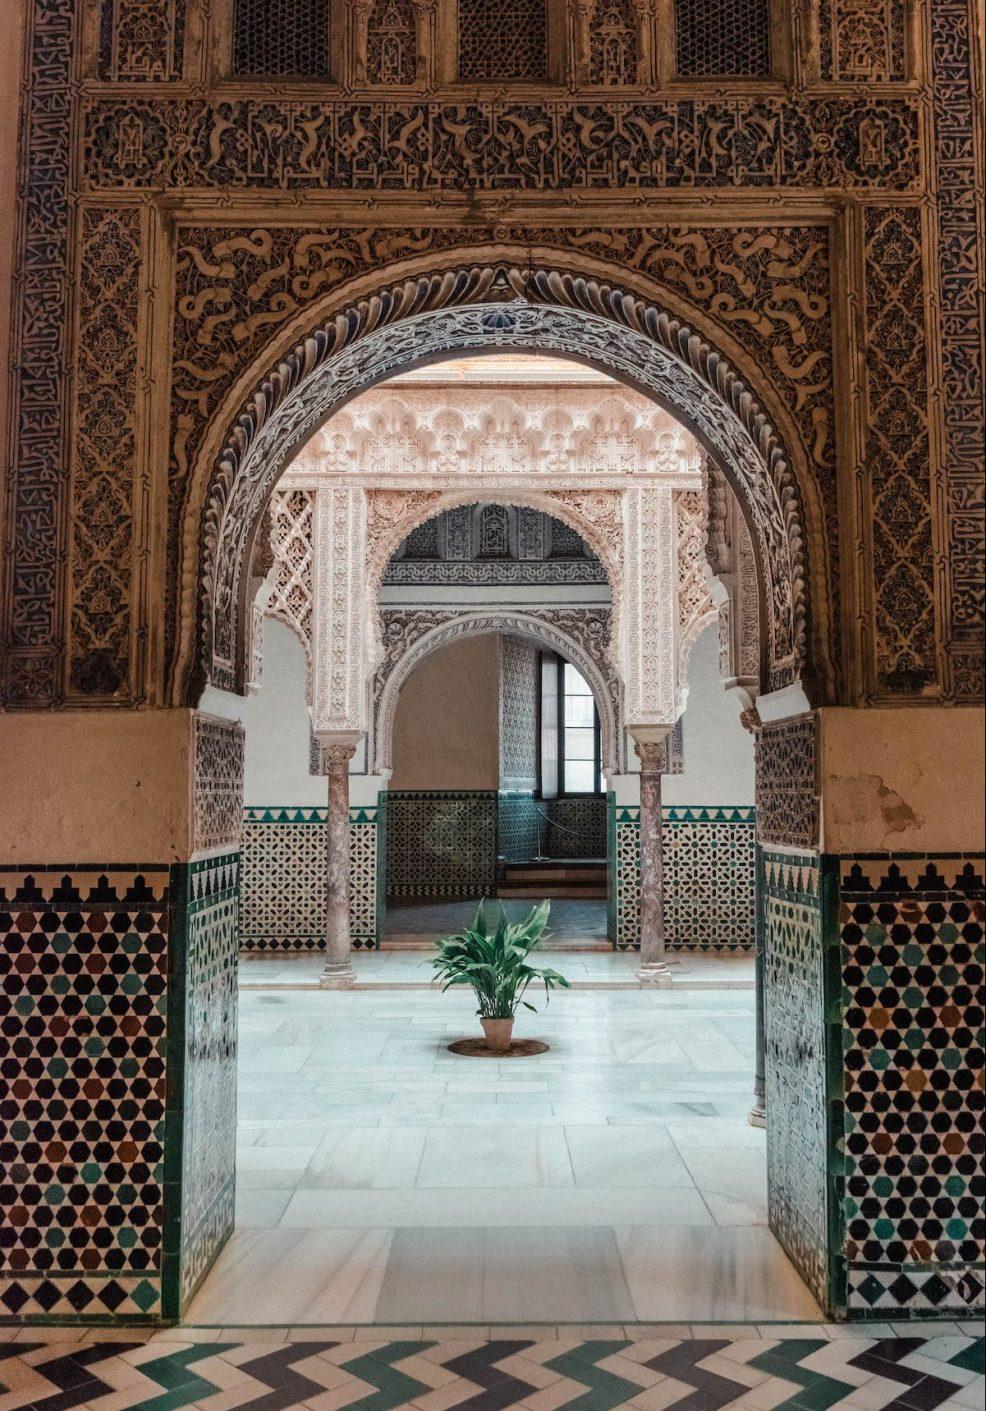 Stunning architecture at Real Alcázar de Sevilla